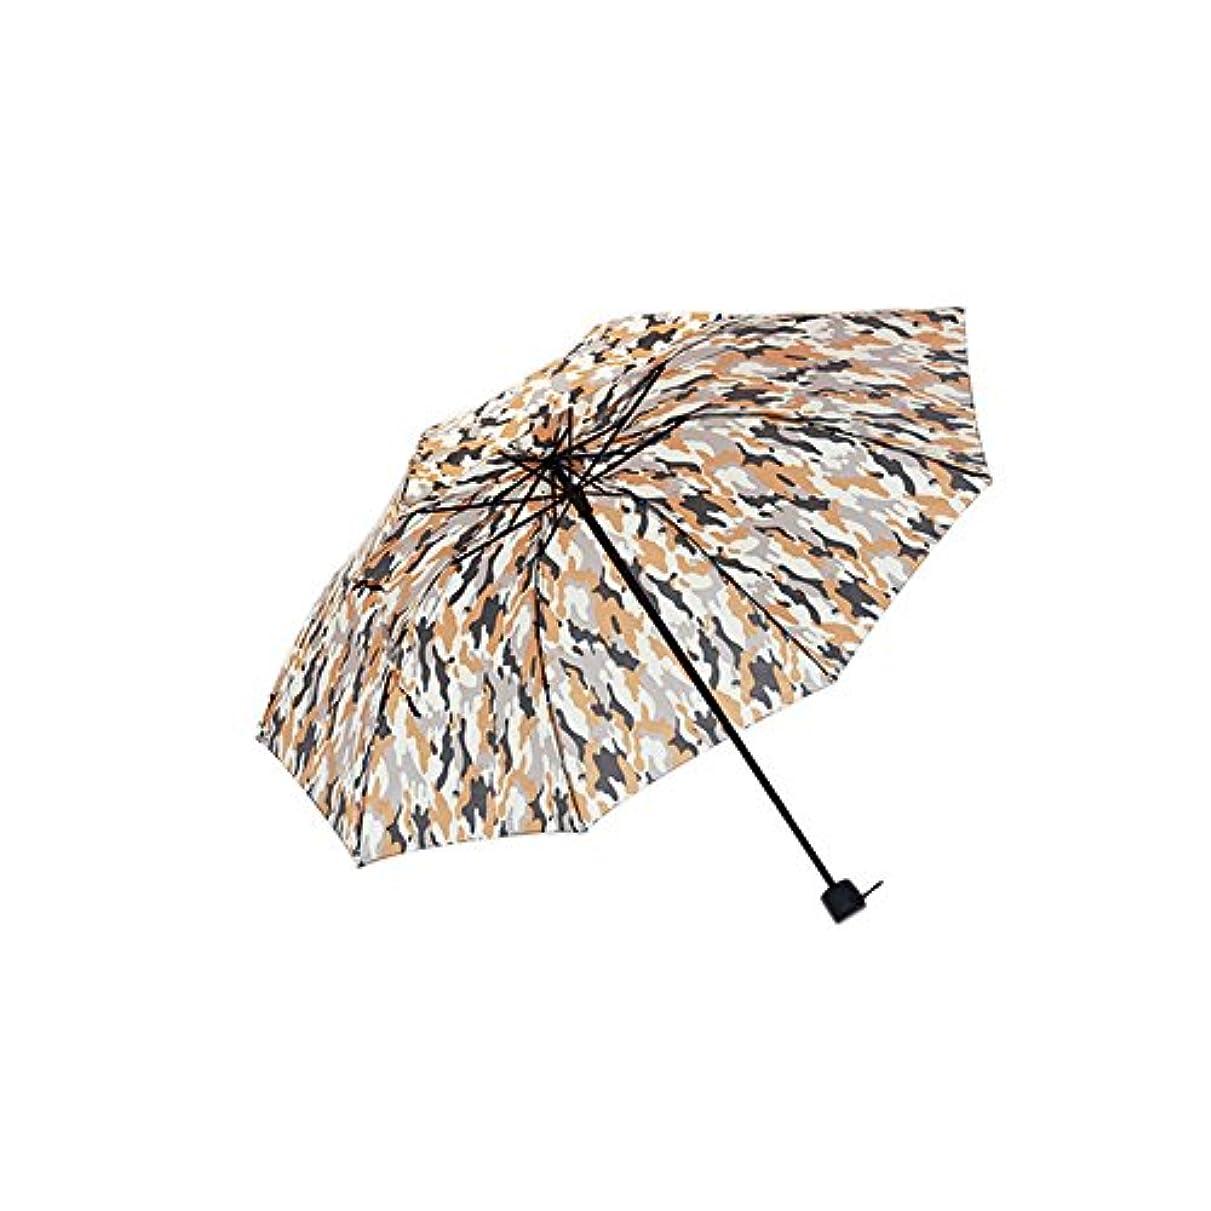 使い込む静けさわかるイエローカモフラージュシングル実用レトロファッション手作りの傘